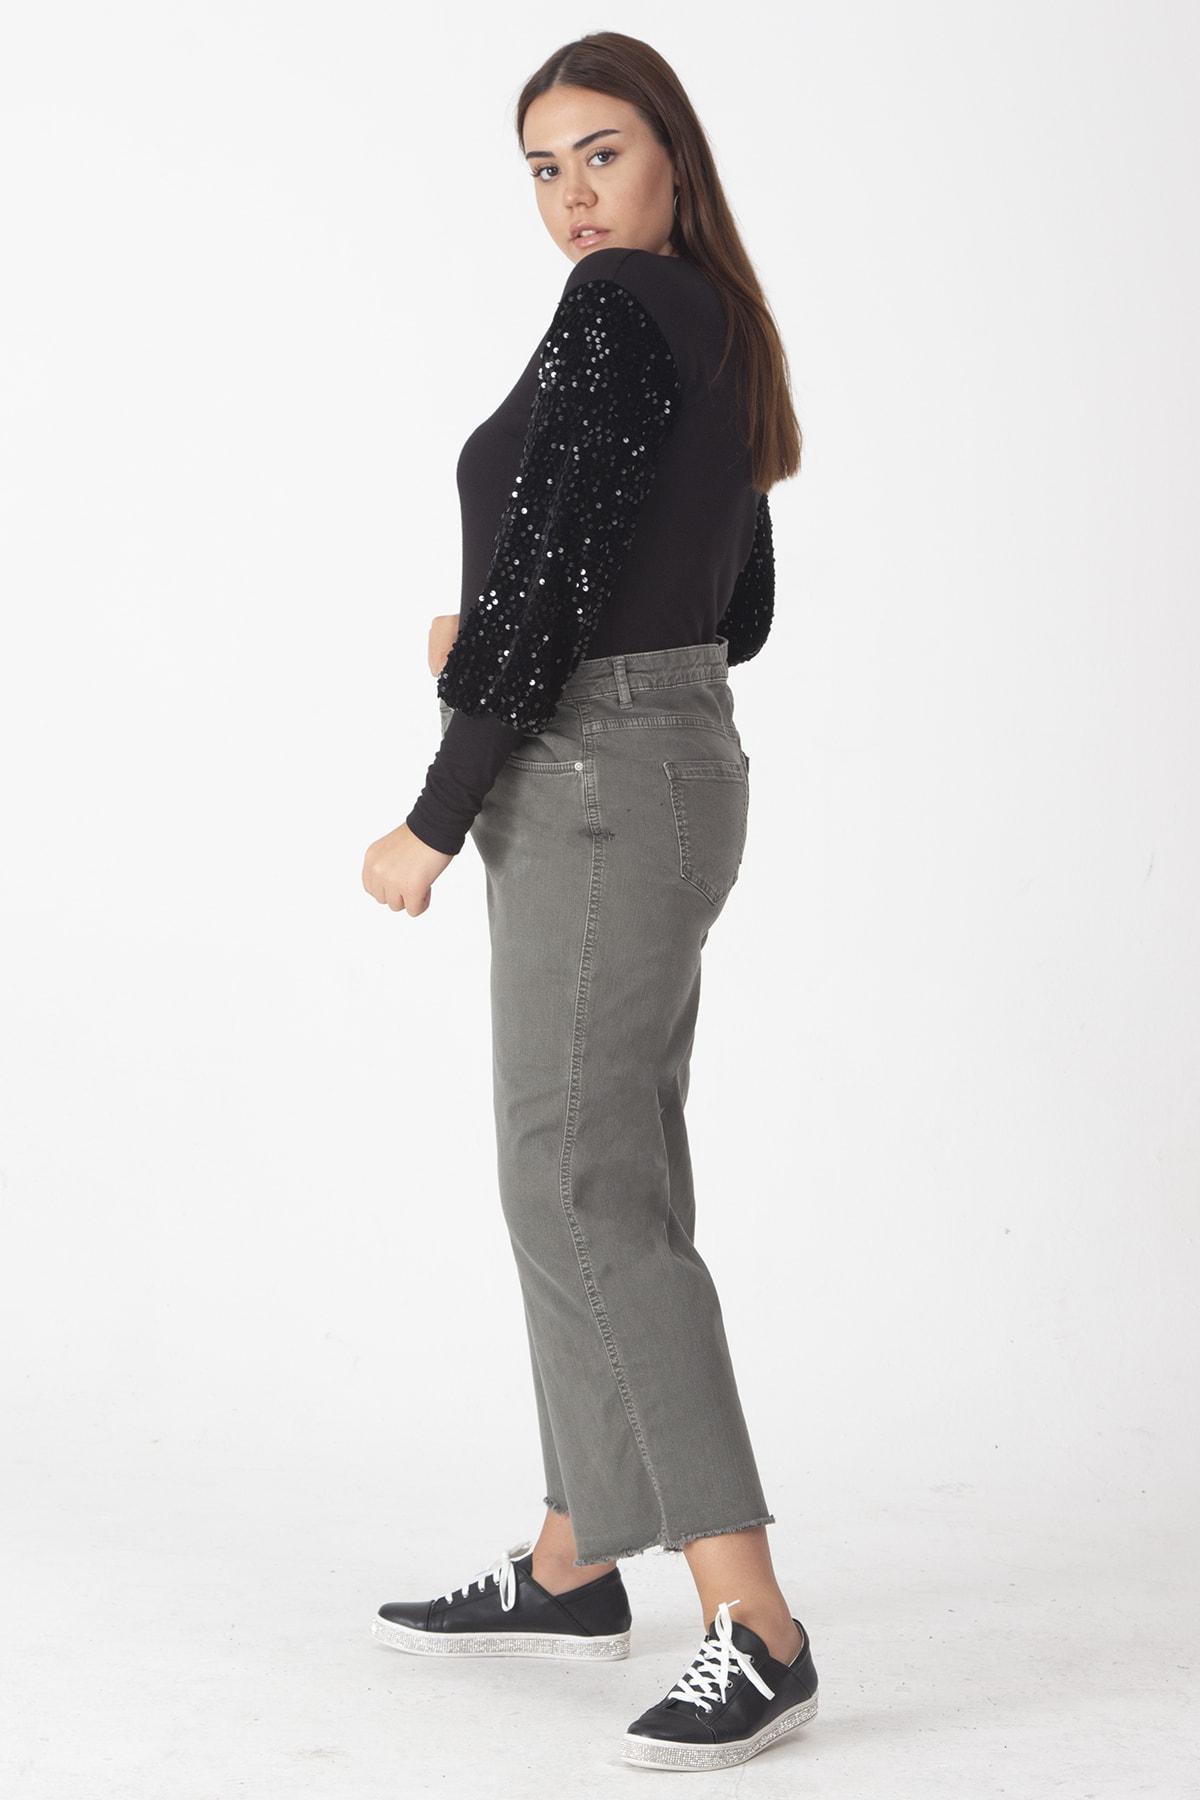 Şans Kadın Haki Pamuklu Kumaş Paça Pis Dikişli Pantolon 65N19162 2